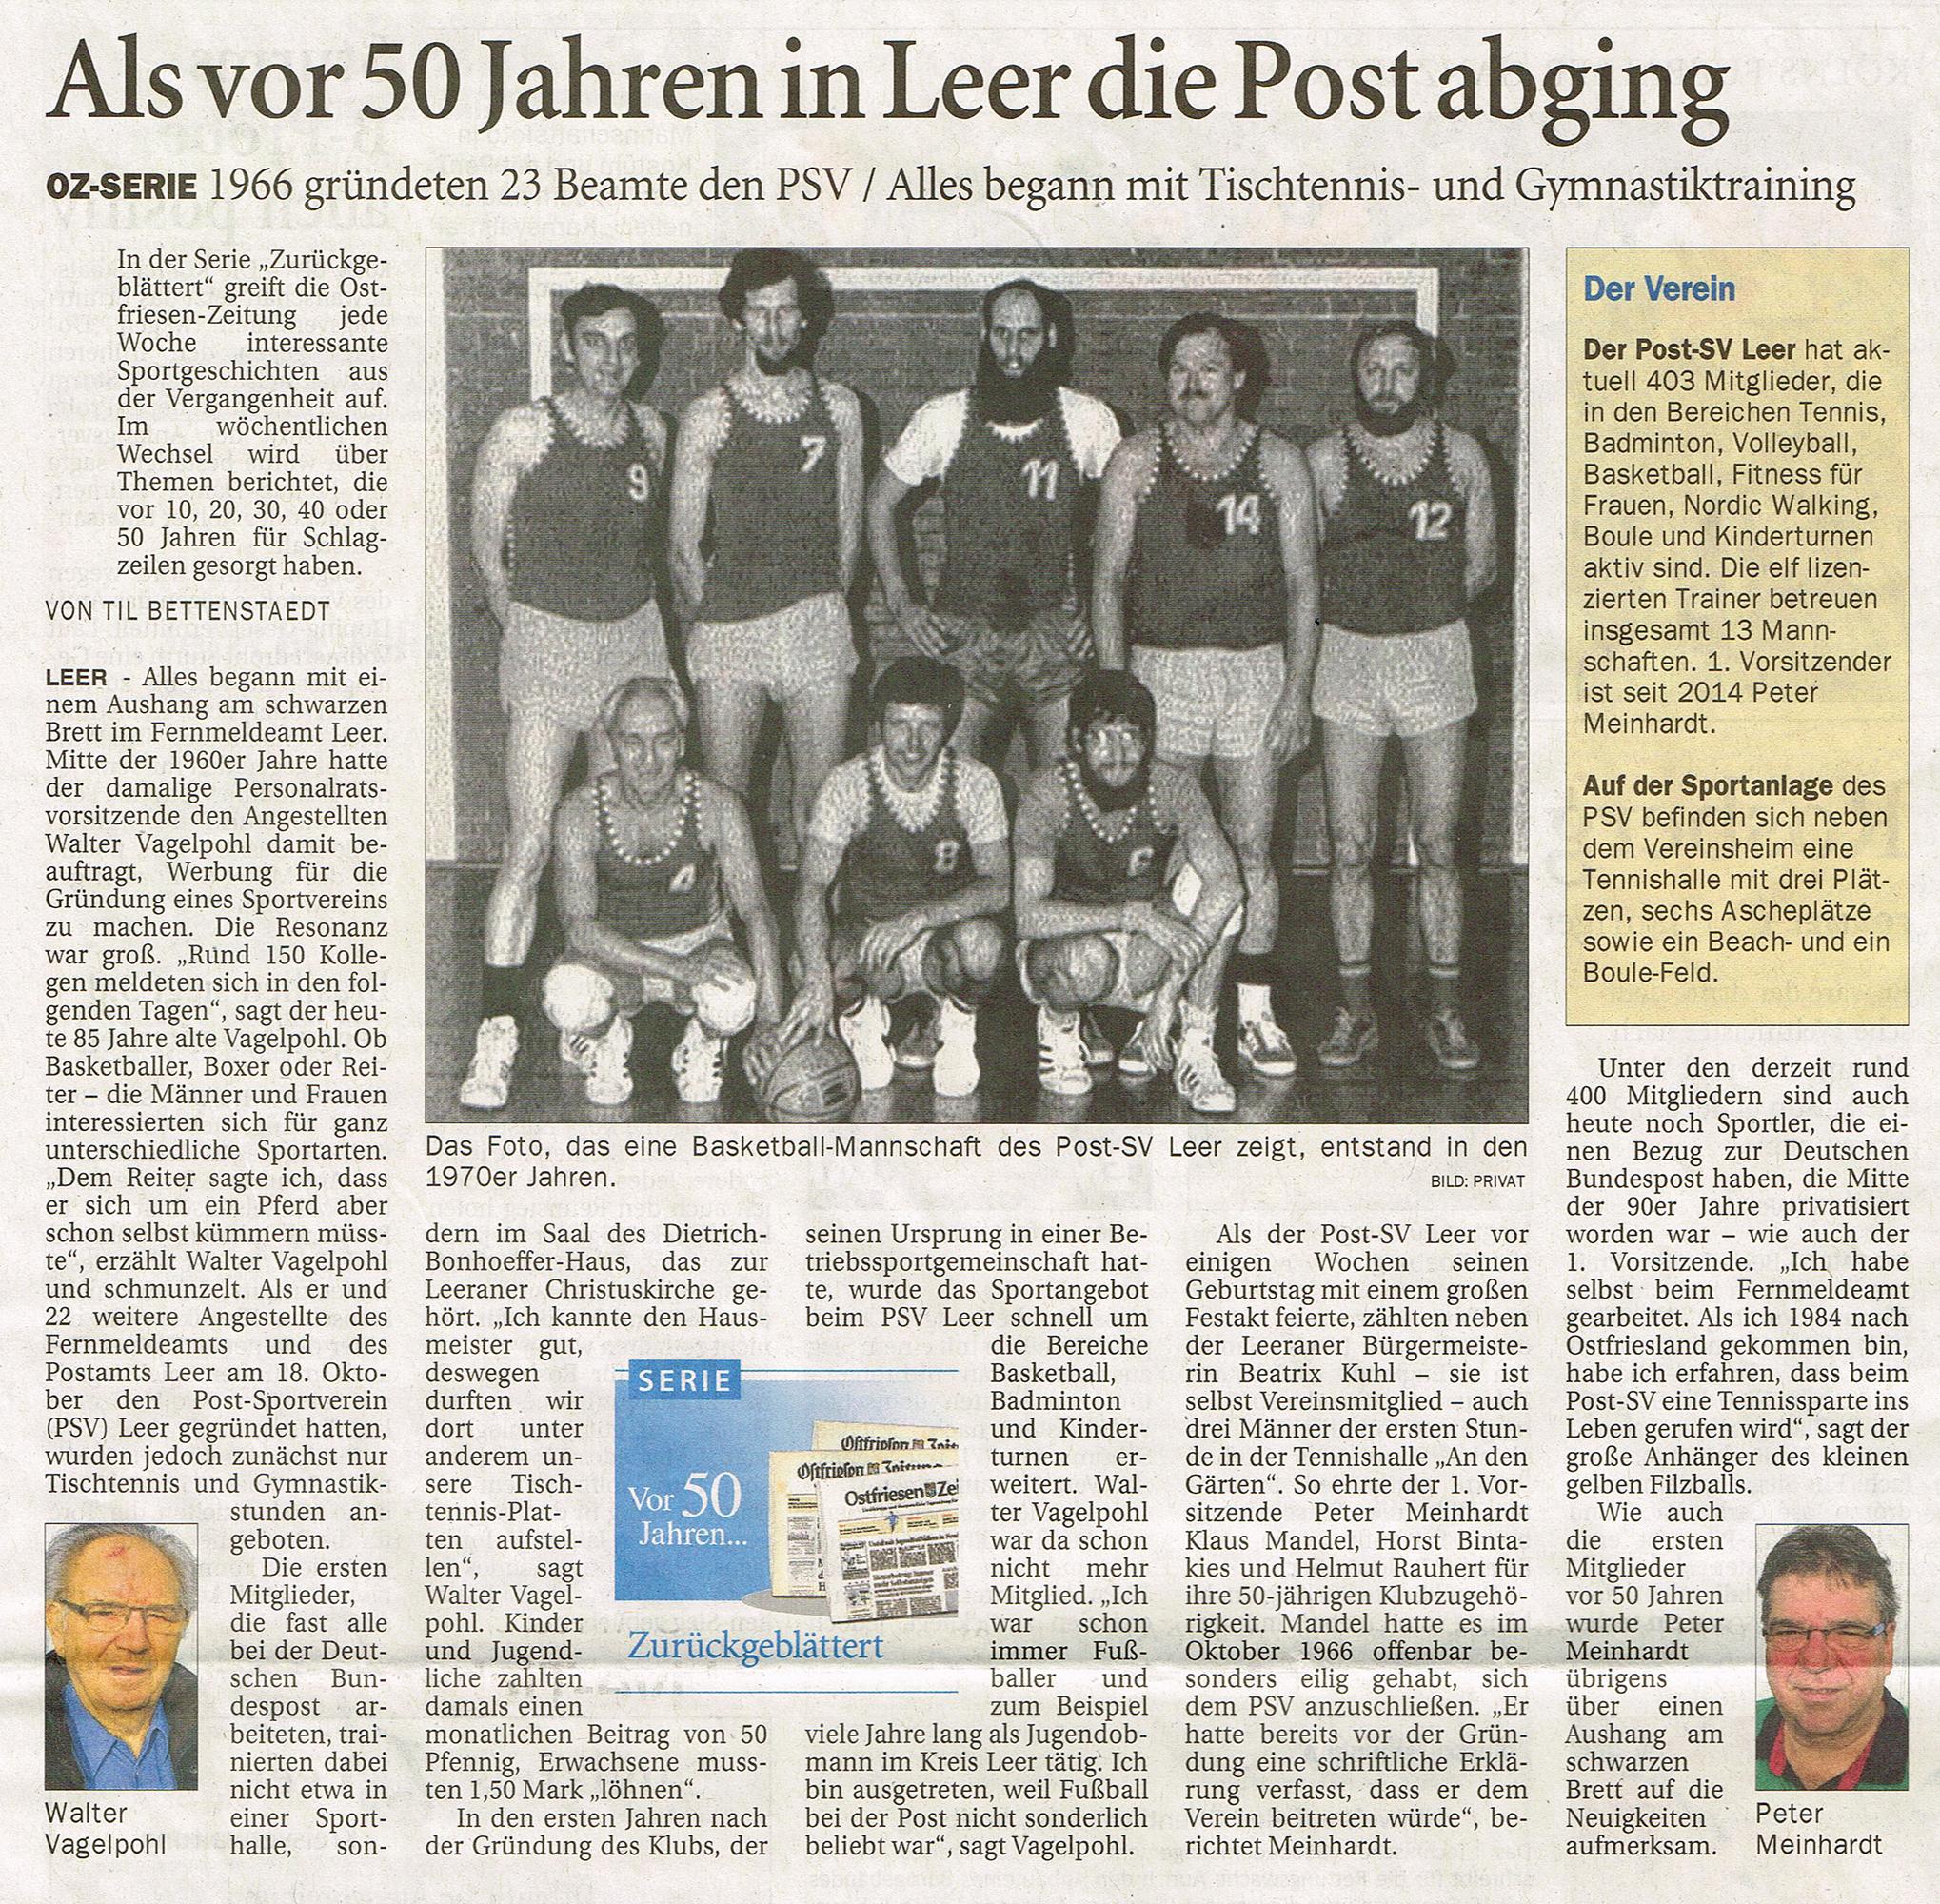 Ostfriesen-Zeitung 12.11.16